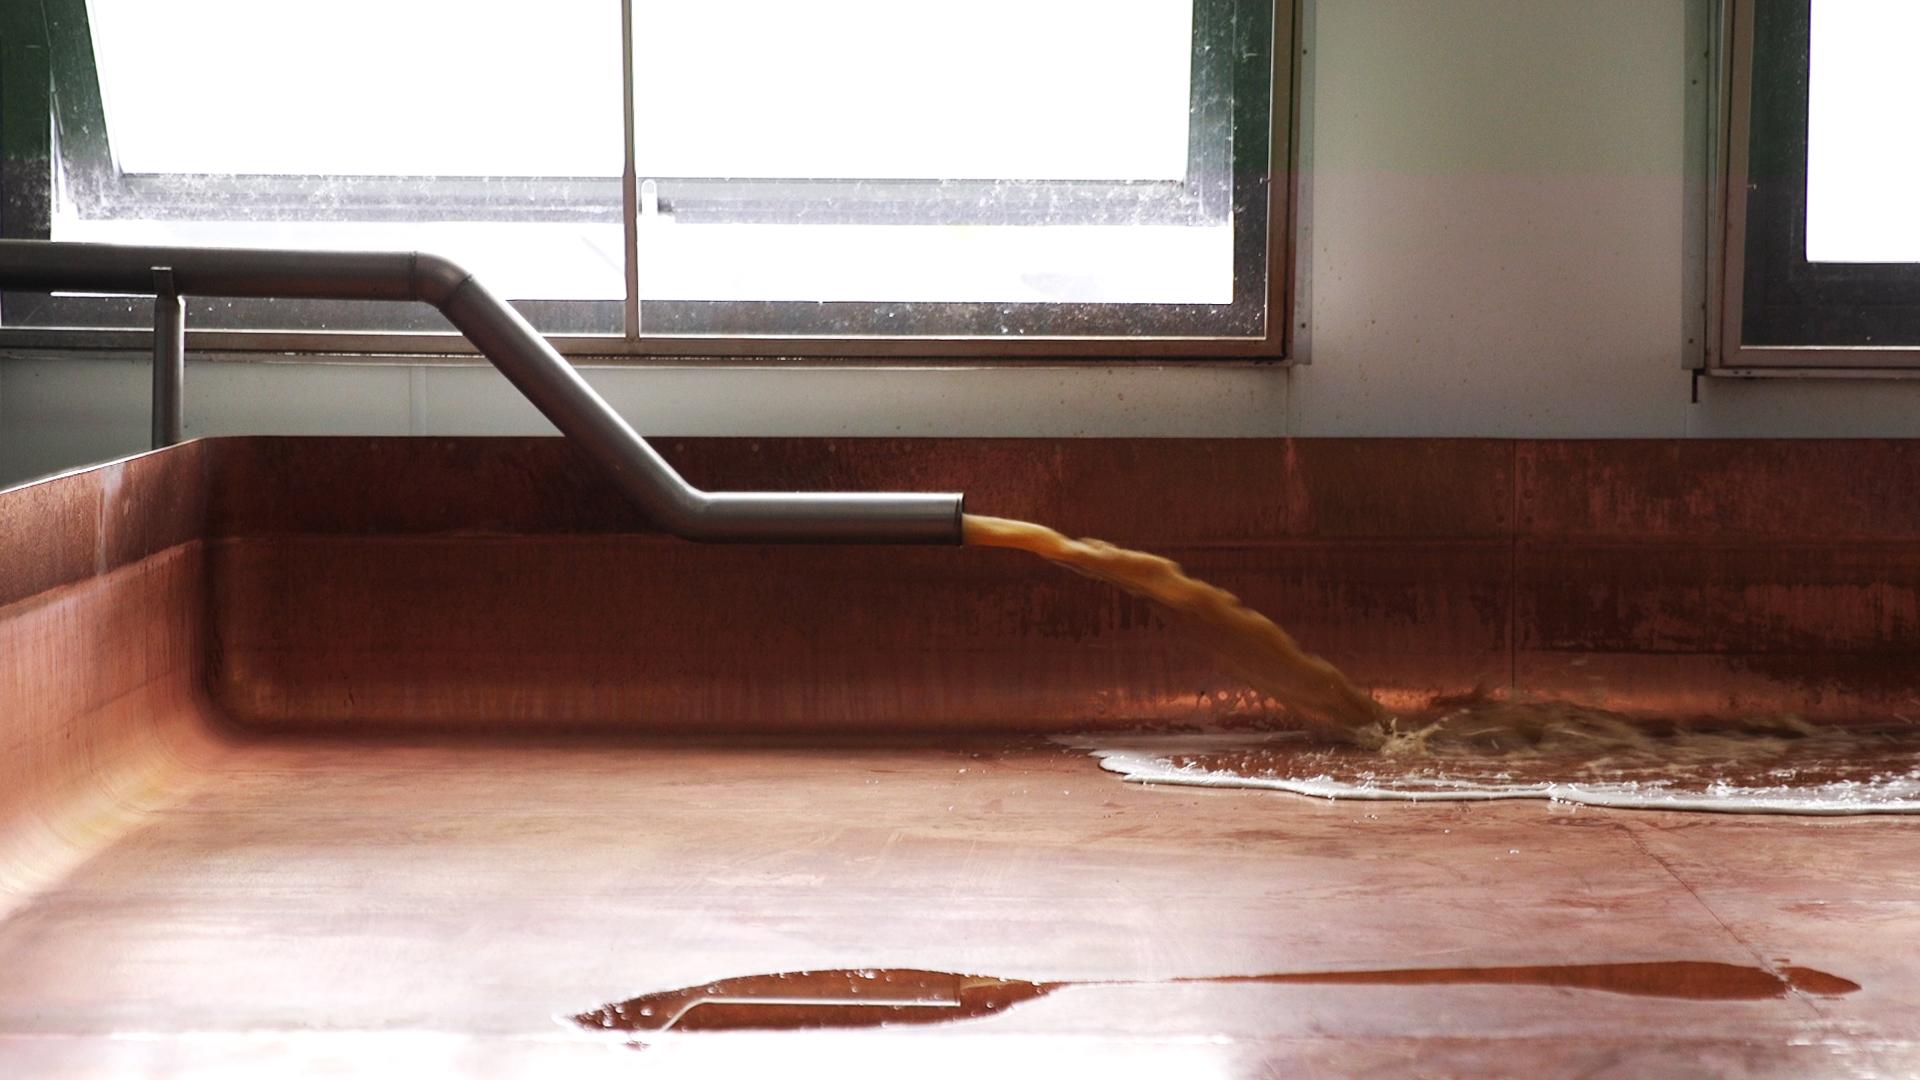 Unter dem Dach fließt die Würze ins Kühlschiff aus Kupfer - eine handwerkliche Meisterleistung